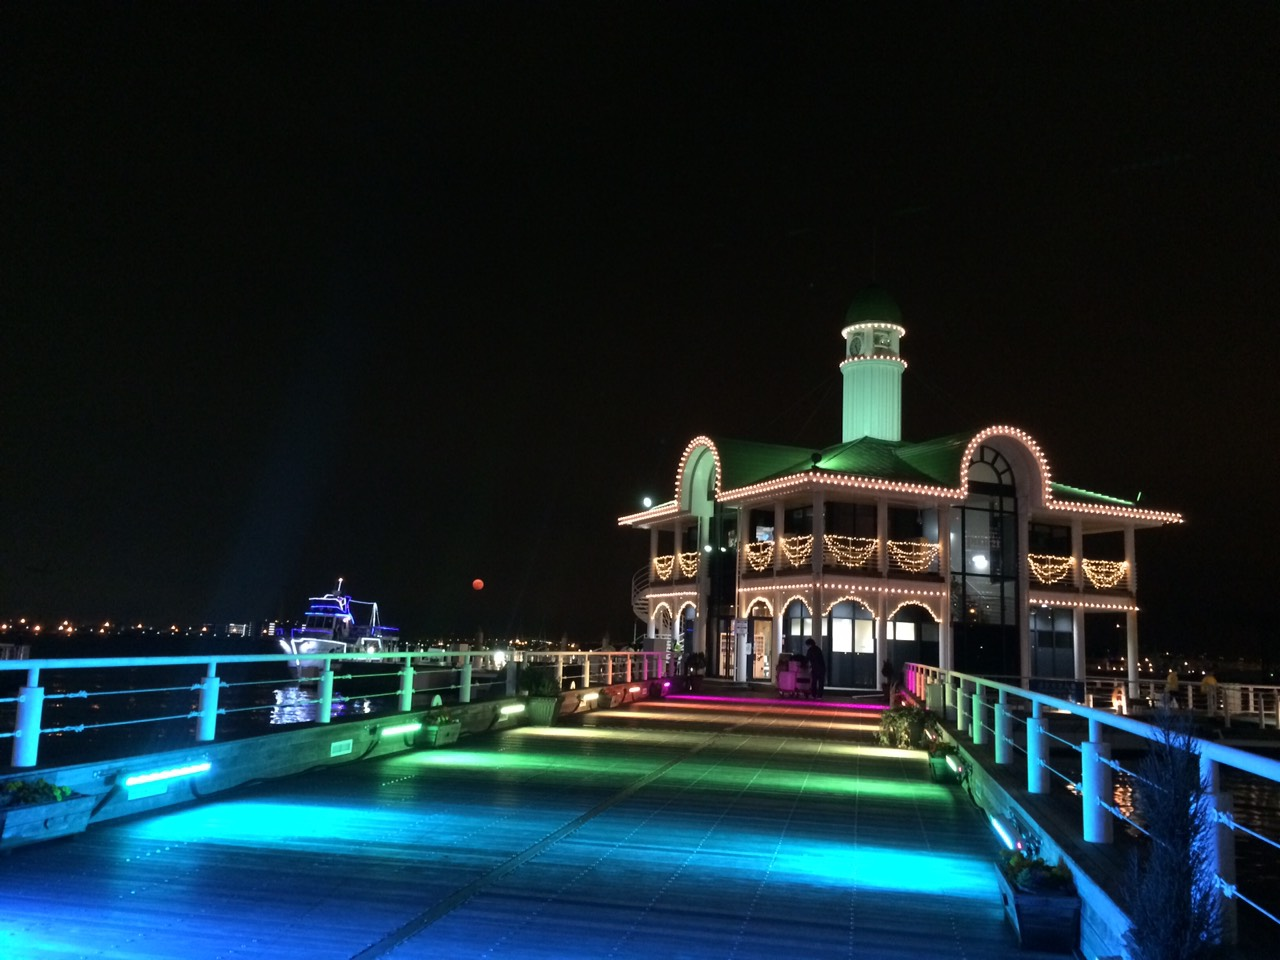 みなとみらいぷかりさん橋の夜景の写真